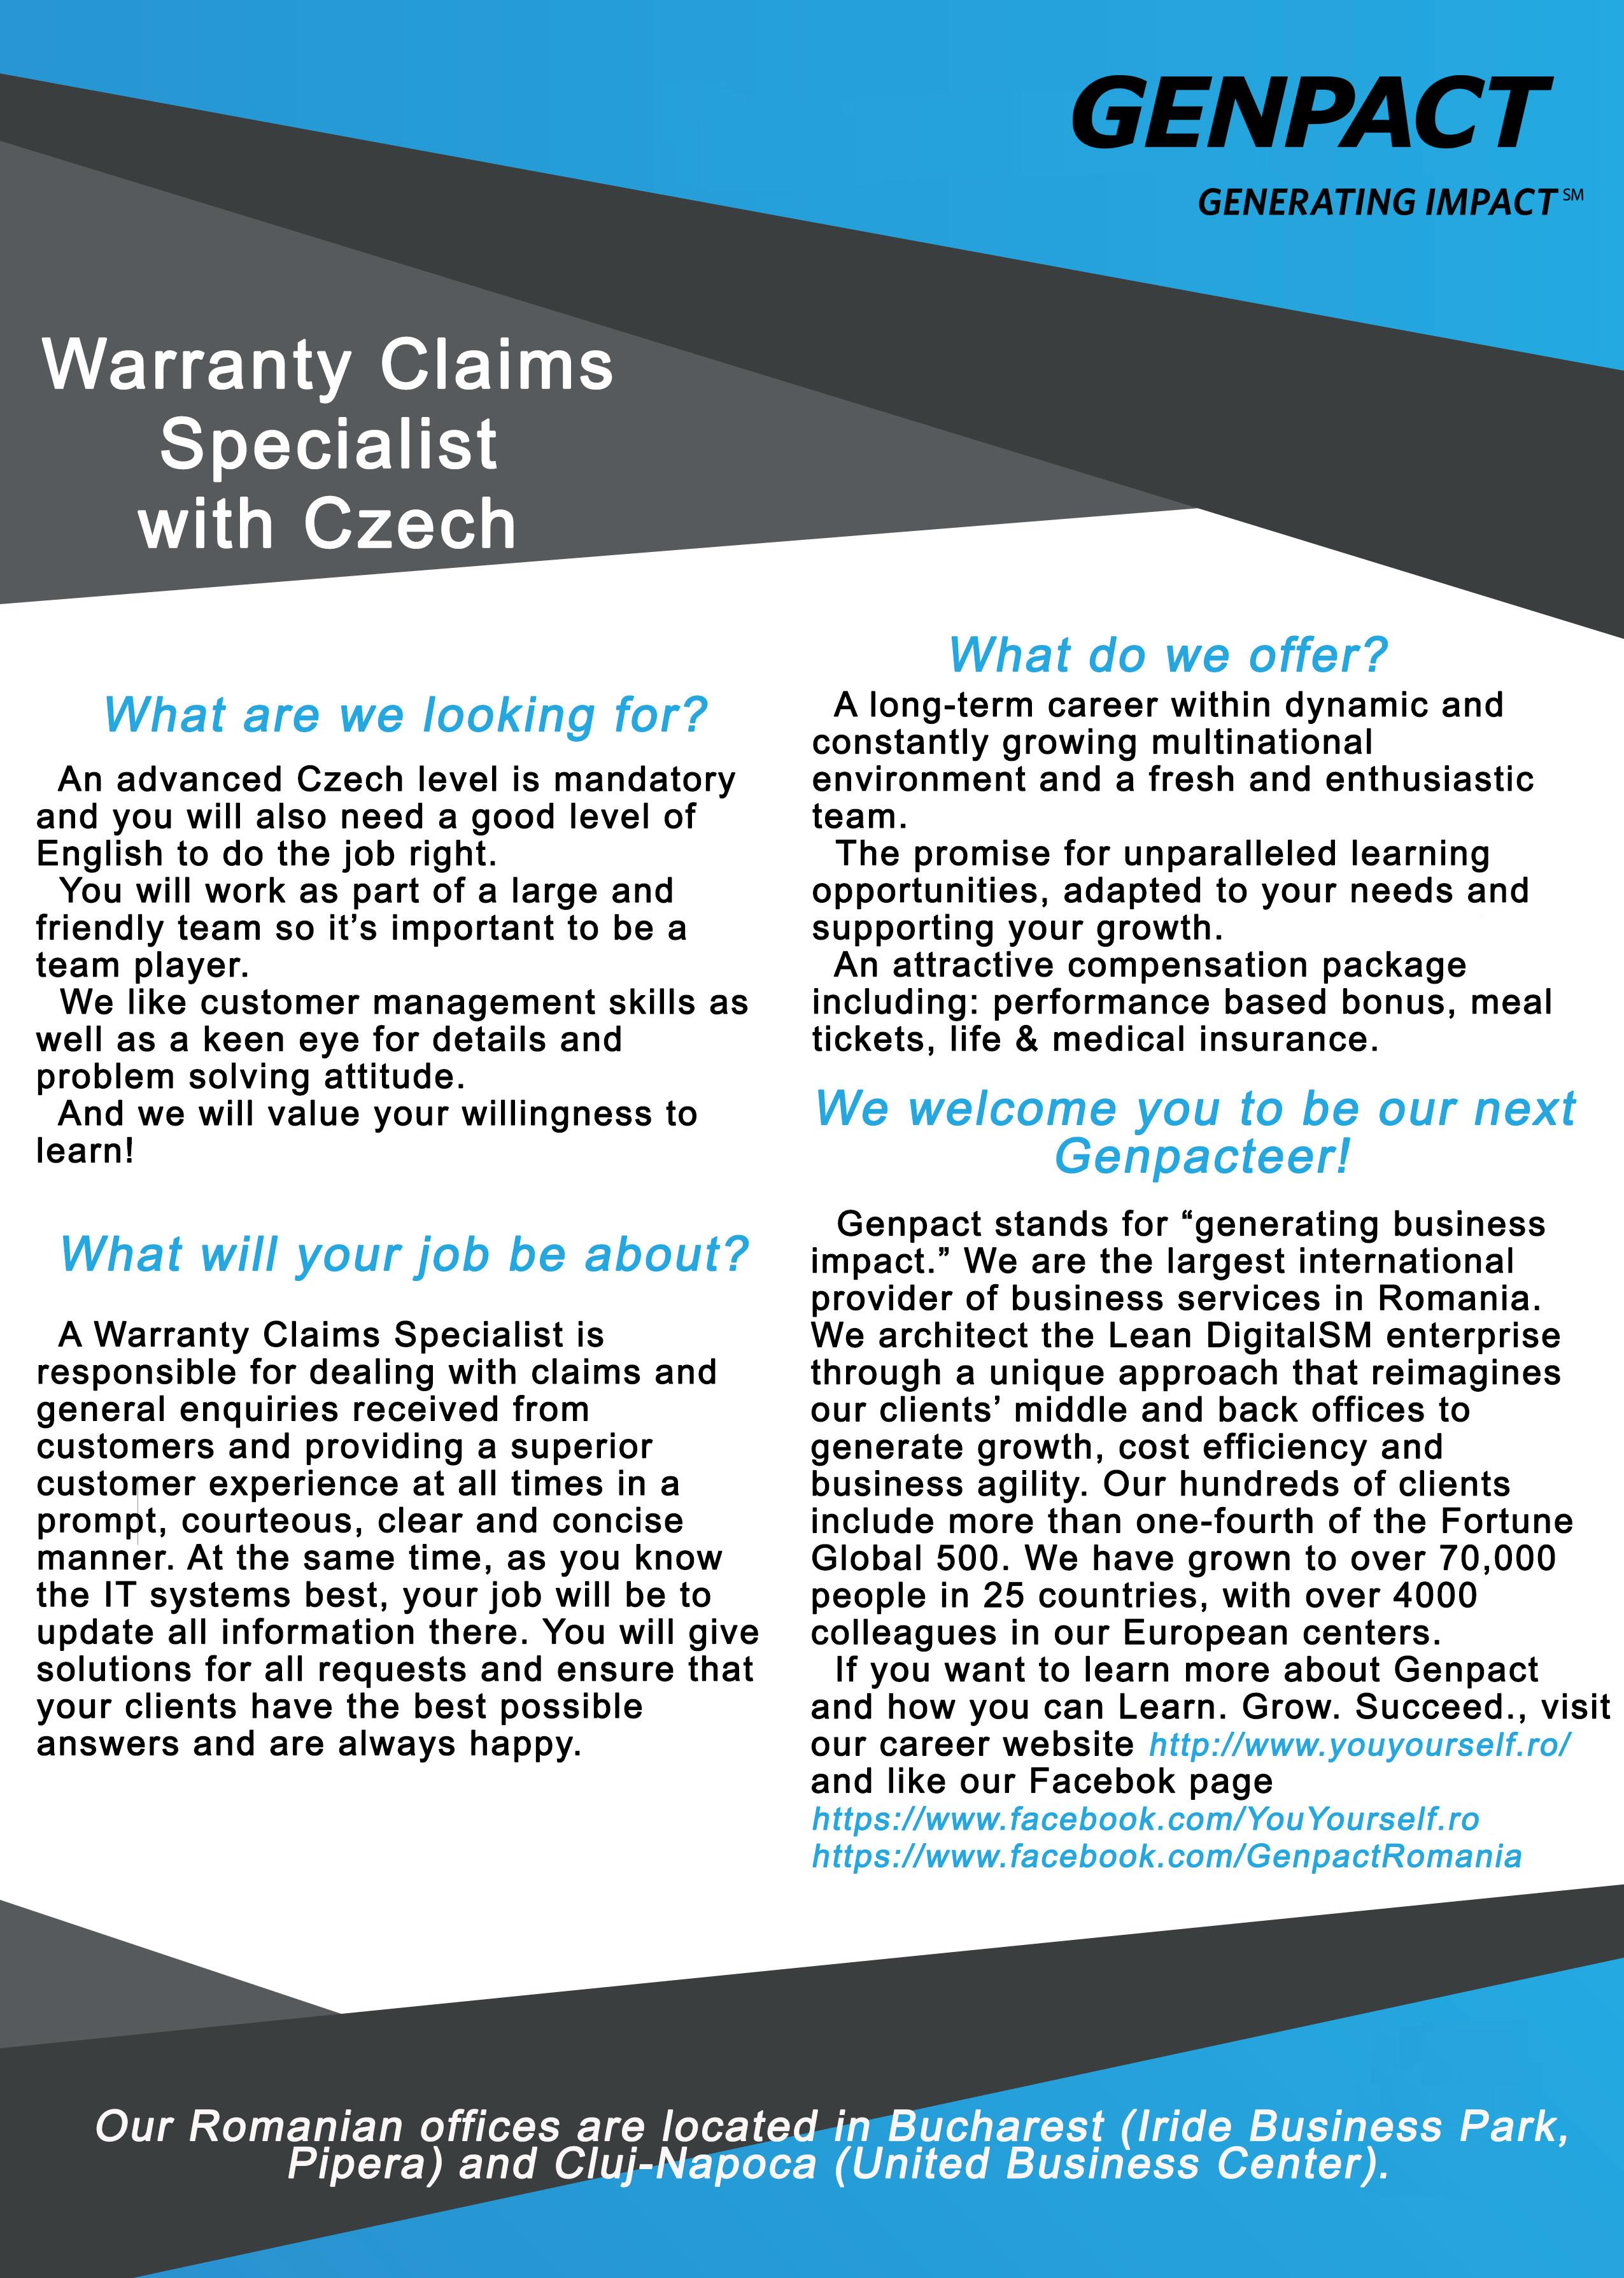 Warranty Claims Specialist with Czech